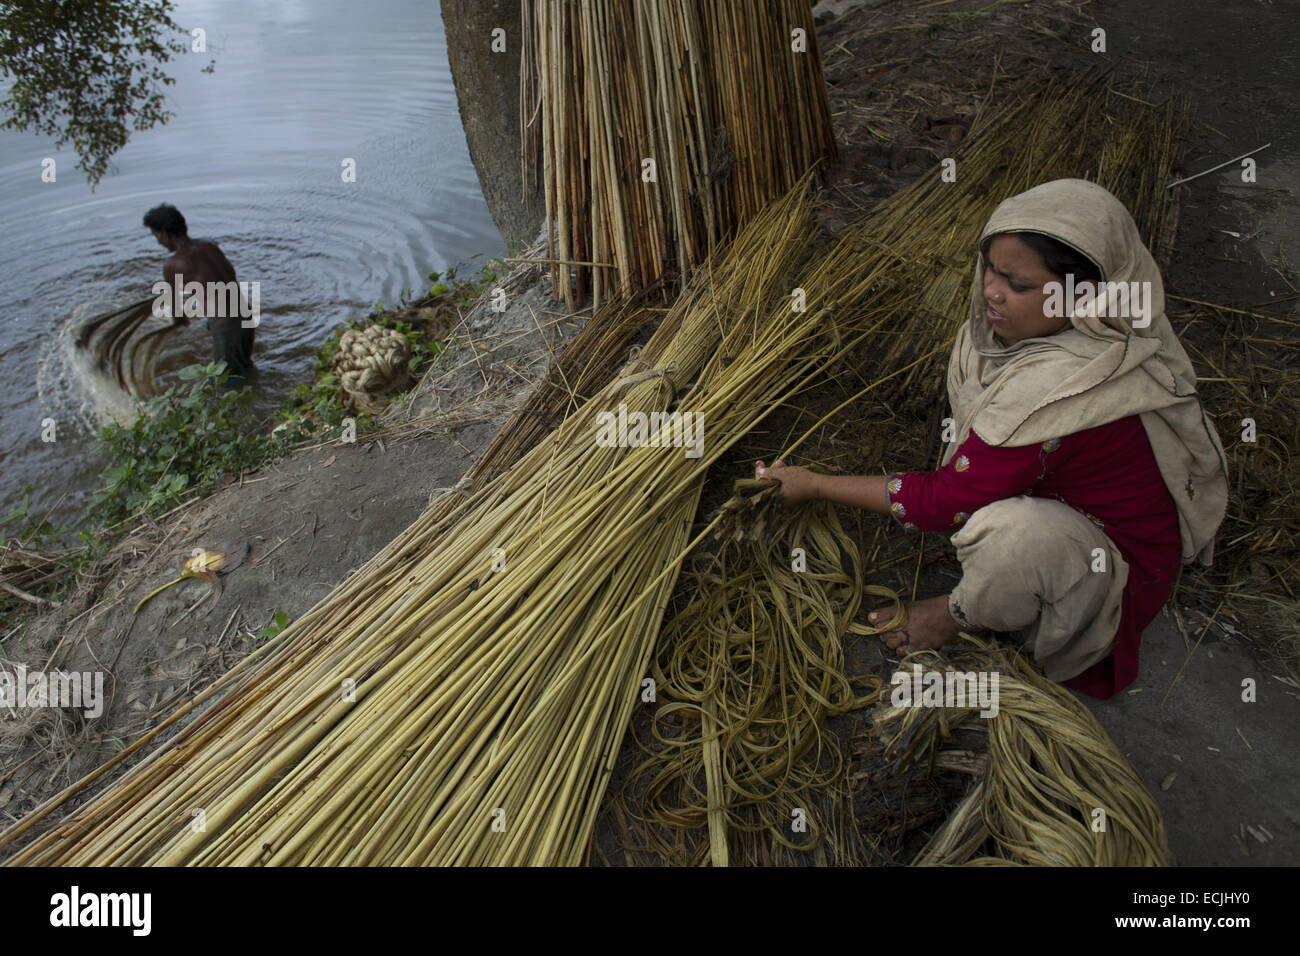 munshigonj bangladesch 14 august 2013 landwirt verarbeitung jute aus jute pflanzen jute in. Black Bedroom Furniture Sets. Home Design Ideas